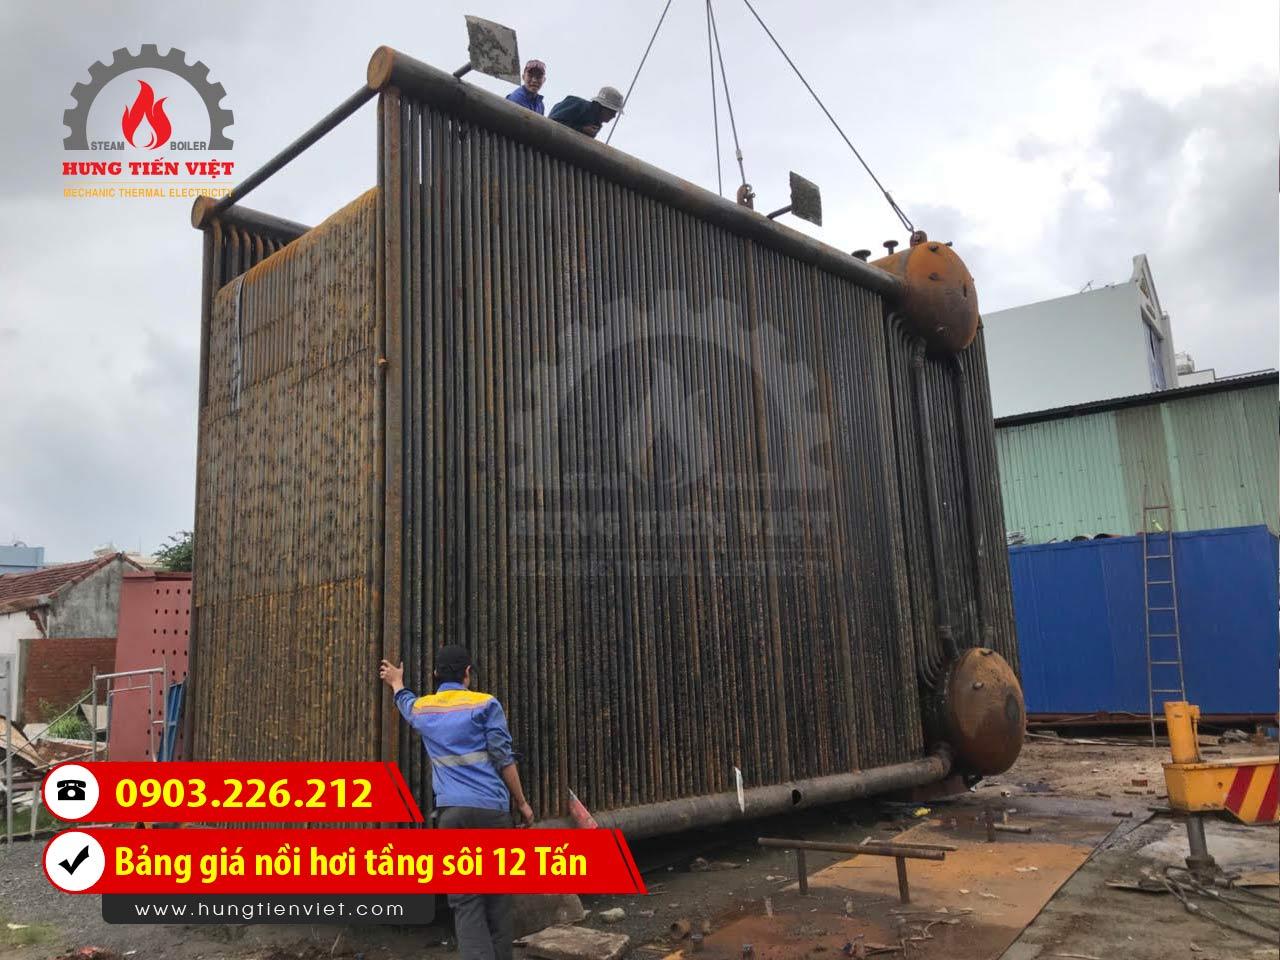 Bảng báo giá nồi hơi tầng sôi 12 tấn - lò hơi tầng sôi 12 tấn công nghệ mới và dịch vụ thiết kế - chế tạo - lắp đặt trọn gói. Gọi ☎ 0903.226.212 #noihoitangsoi #lohoitangsoi #noihoi #lohoi